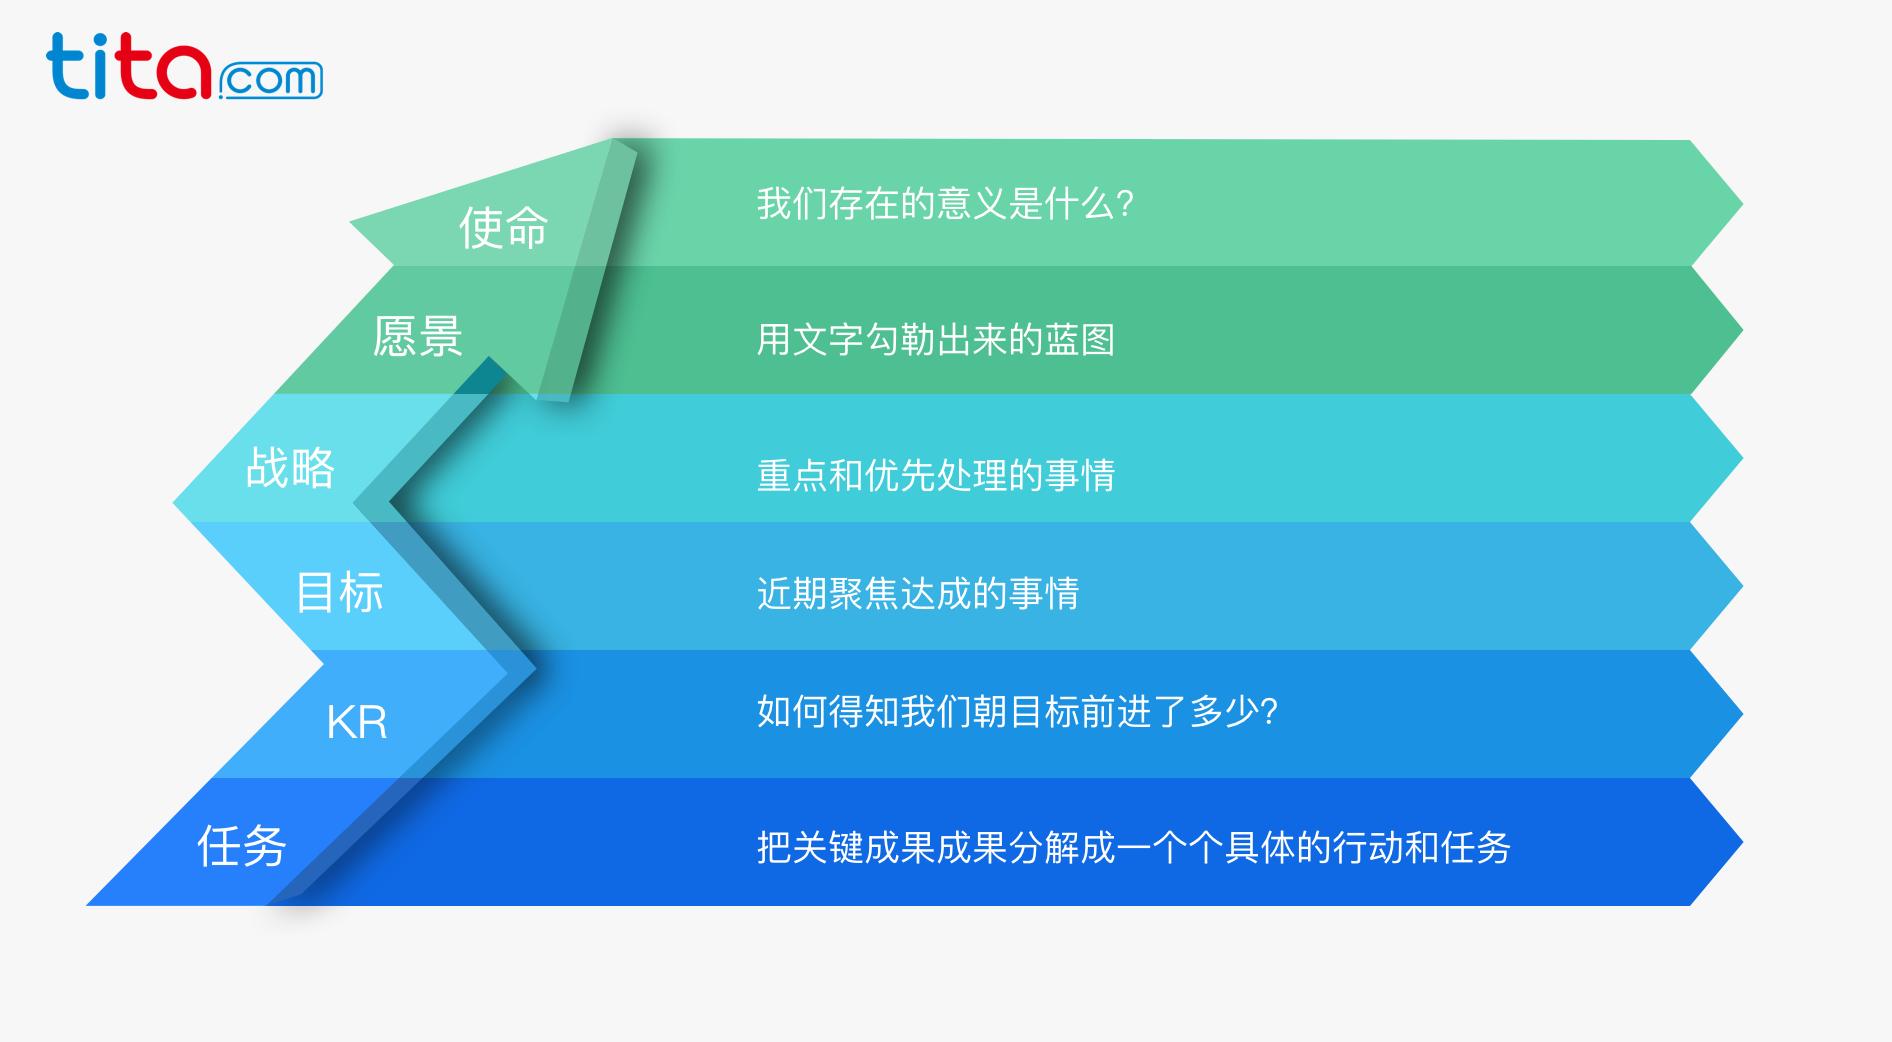 OKR管理,tita,tita.com,目标管理,协同管理,项目管理,关键成果